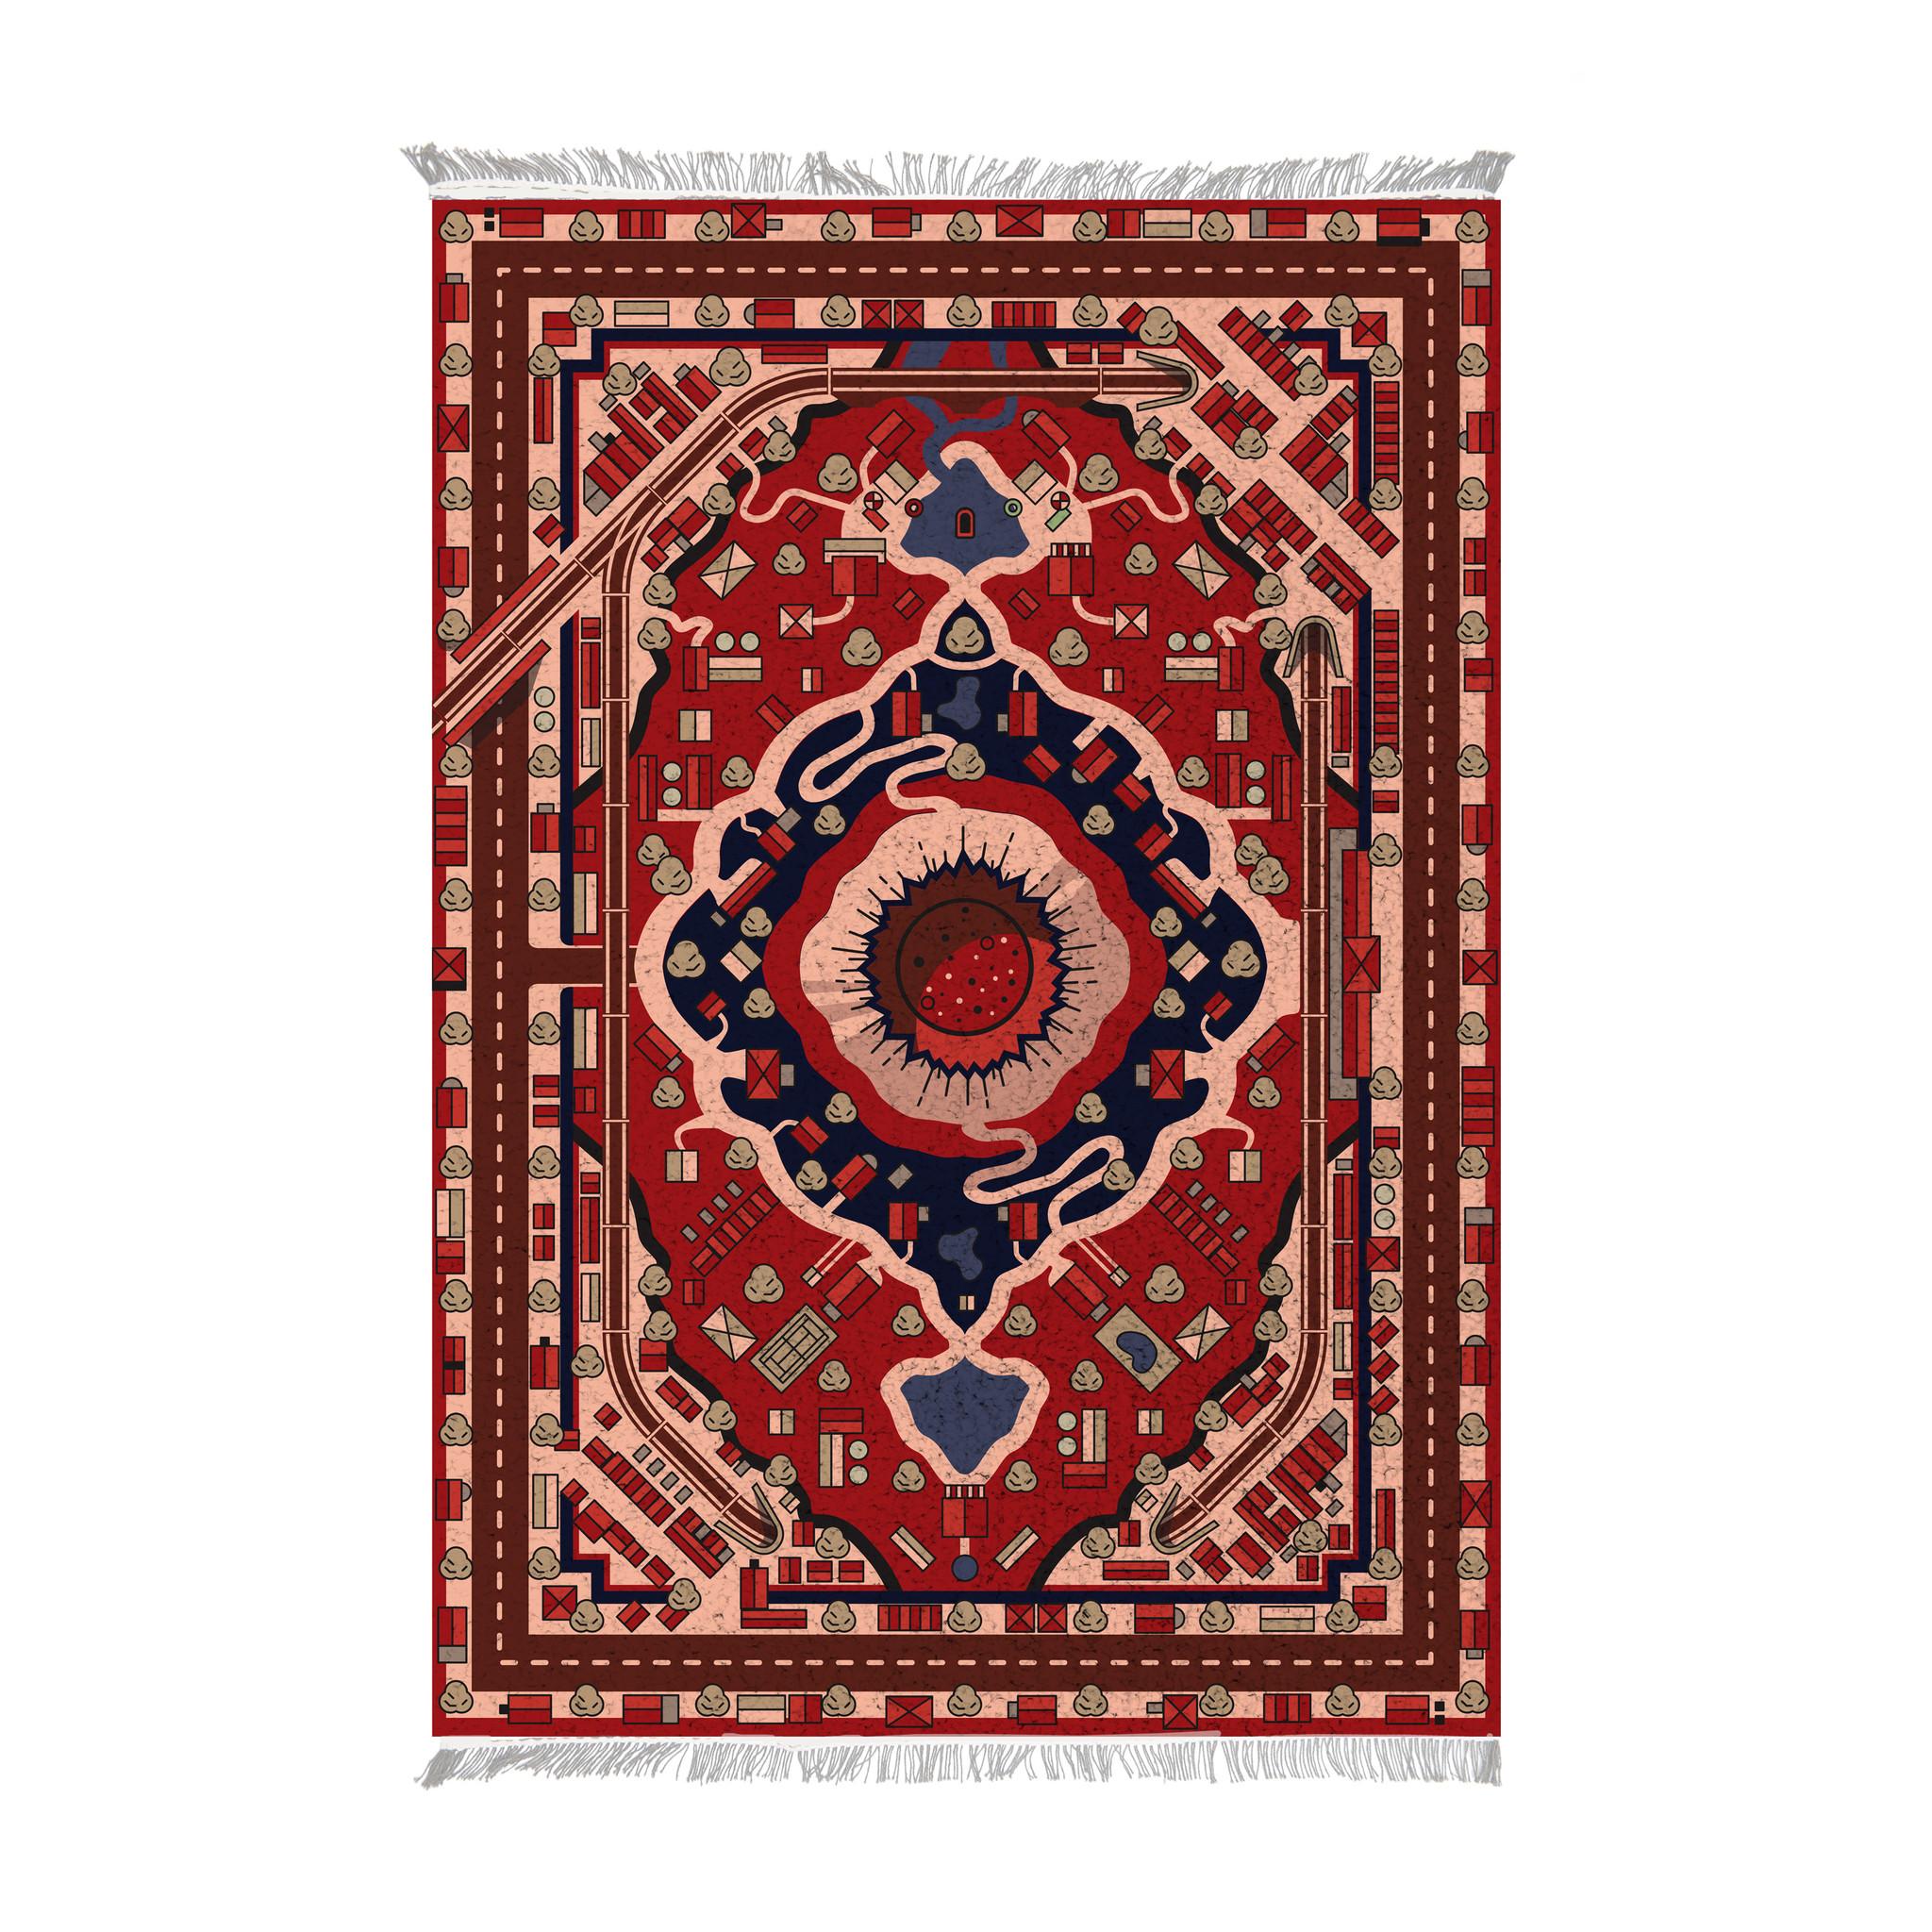 IKONIC Carpet 'Land of Persia'